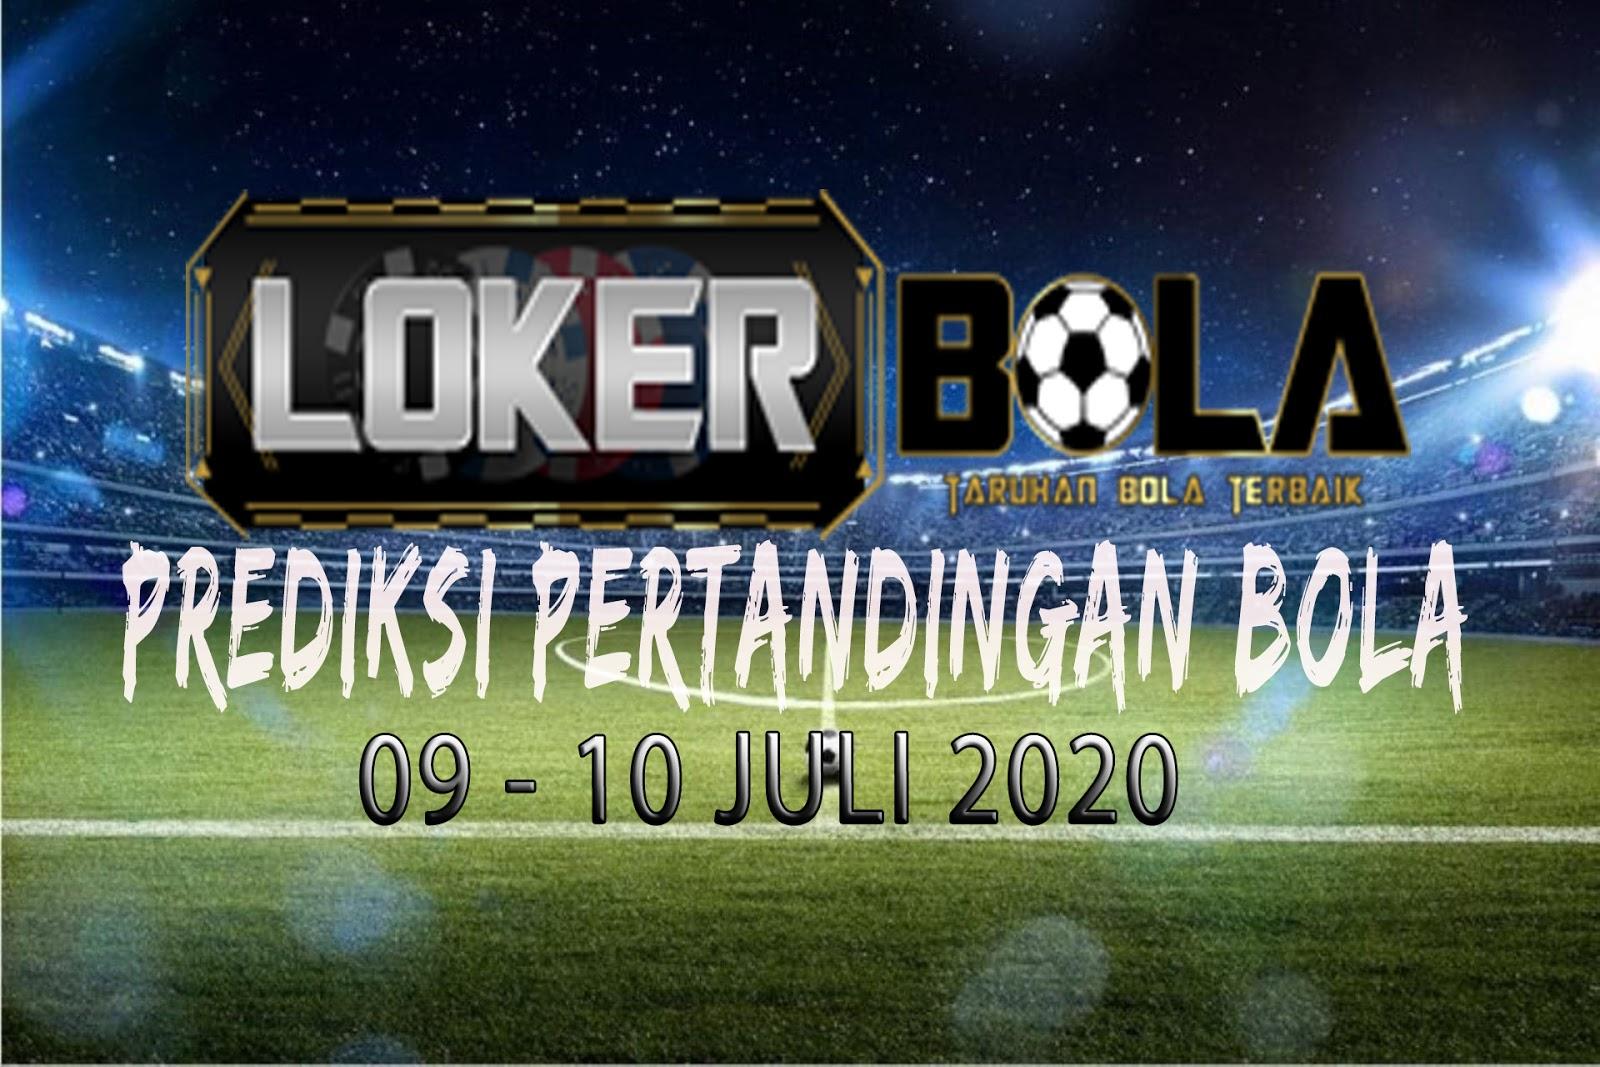 PREDIKSI PERTANDINGAN BOLA 09 – 10 JULI 2020